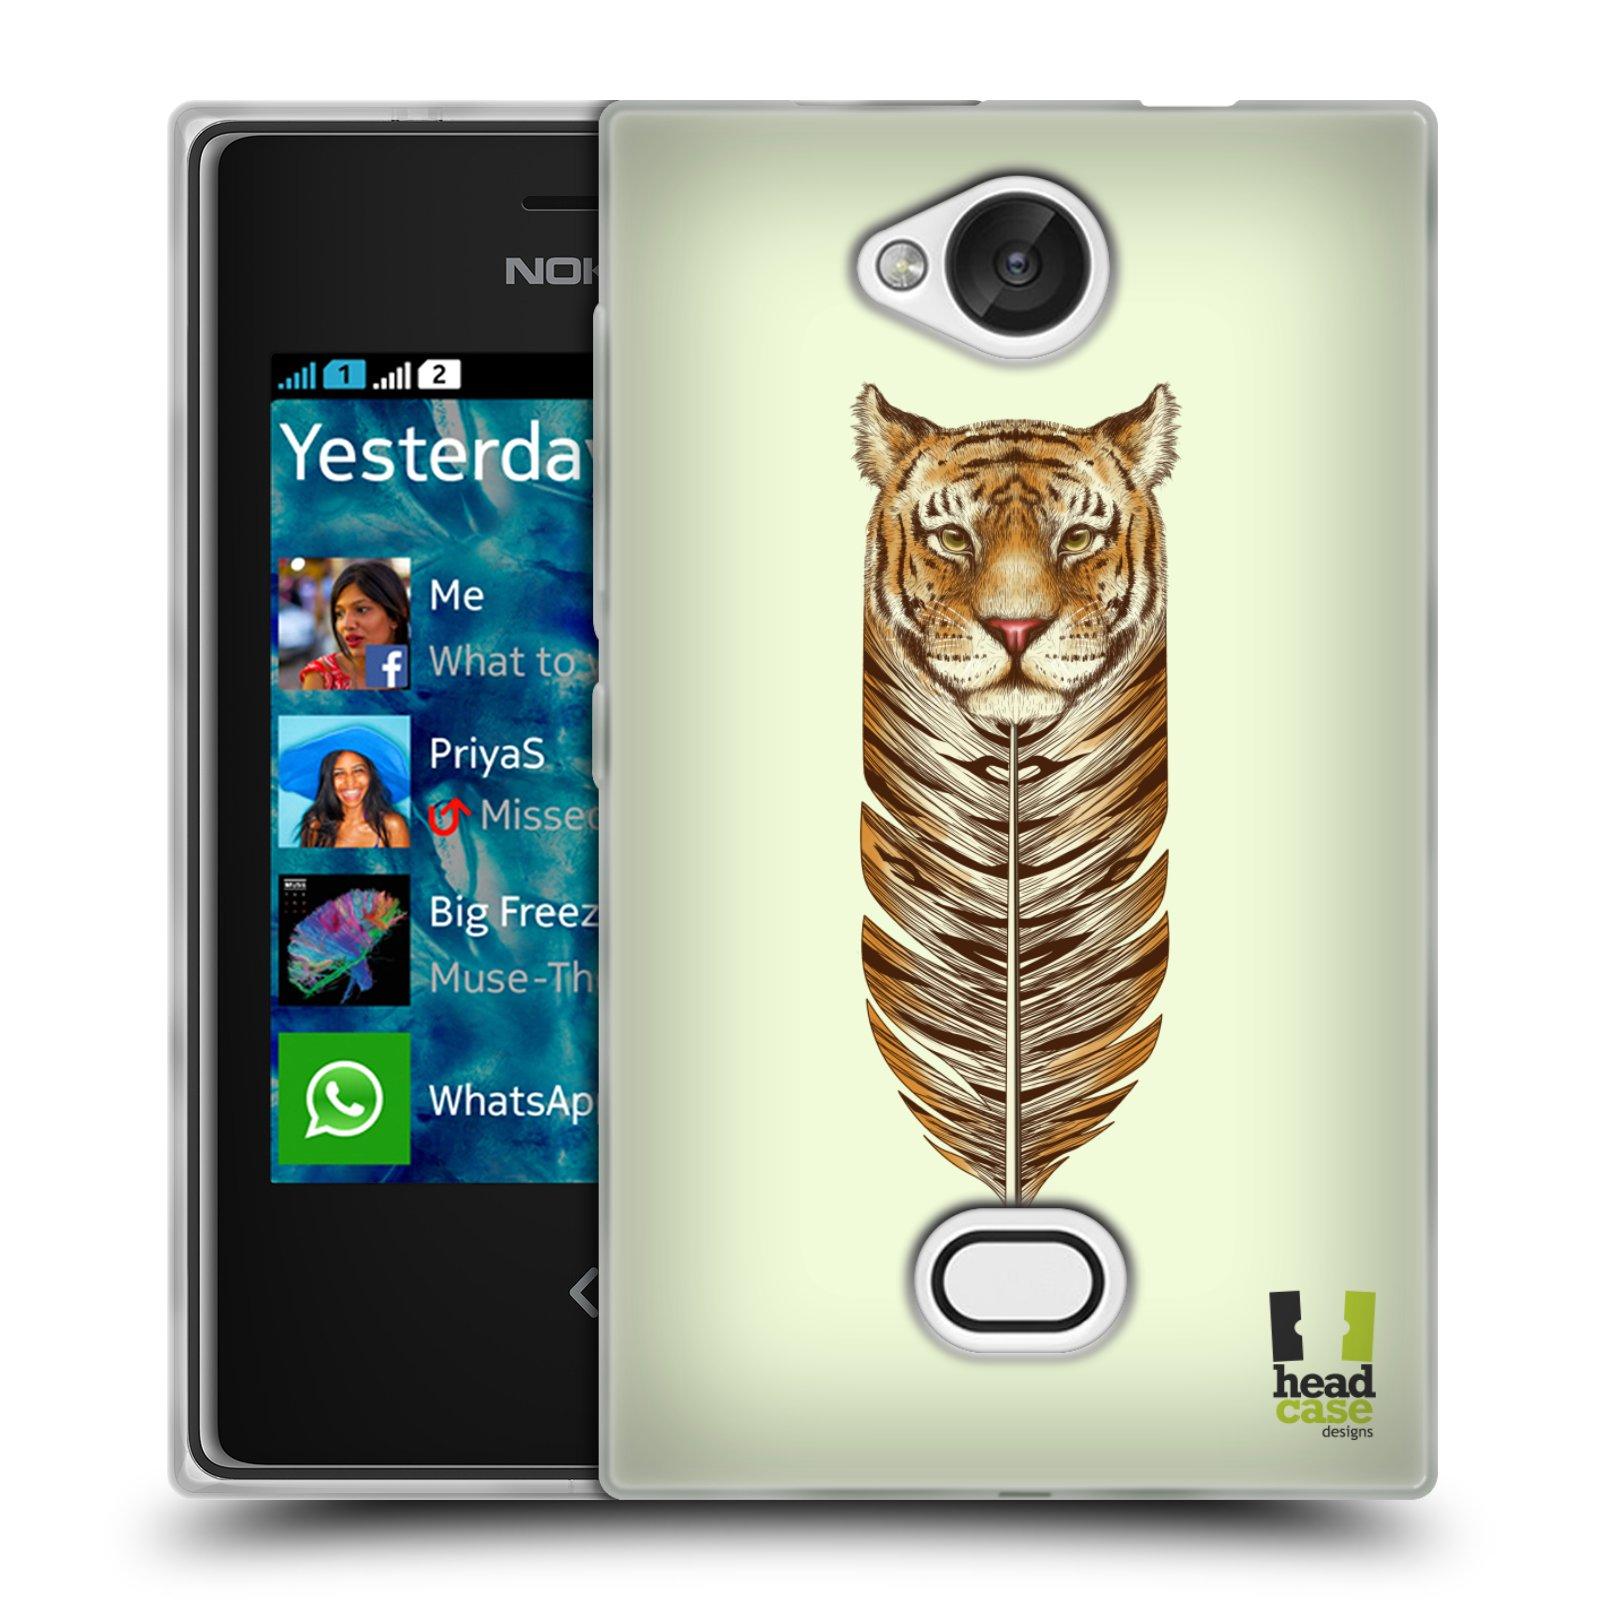 HEAD CASE silikonový obal na mobil NOKIA Asha 503 vzor zvířecí pírka tygr